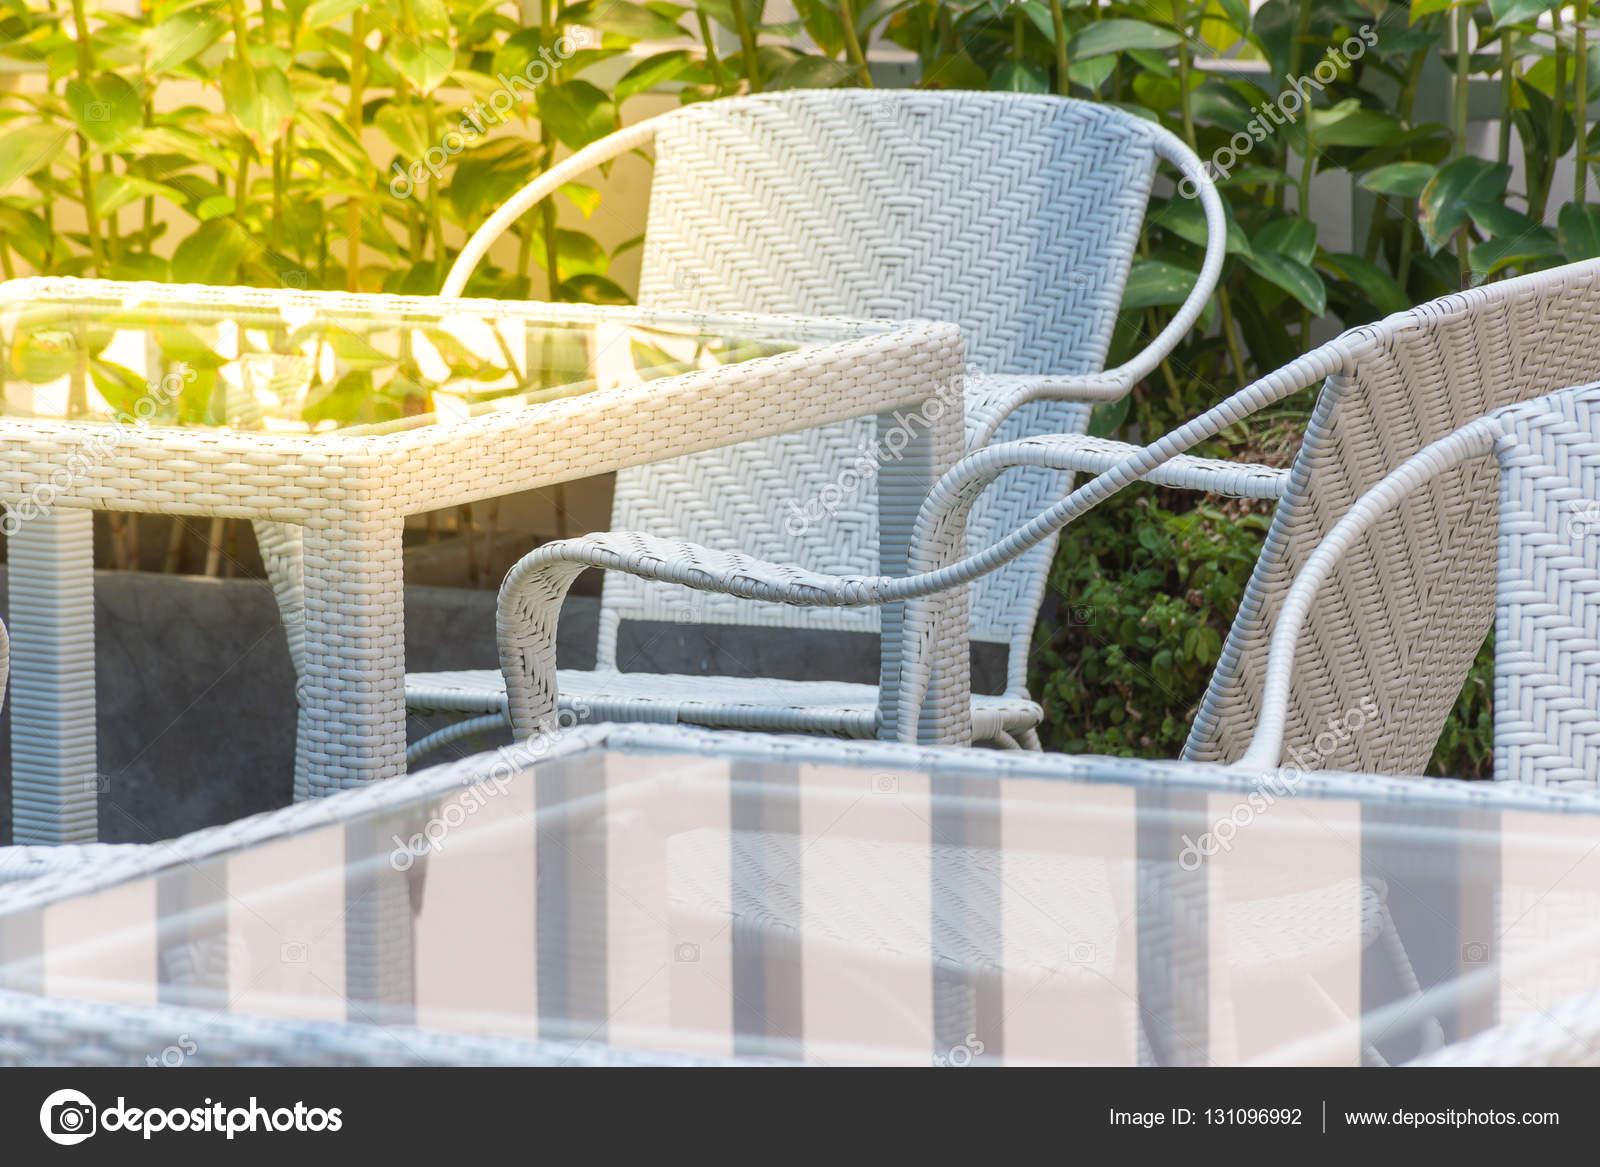 Mesa silla y vidrio de muebles blanco fotos de stock for Stock de muebles